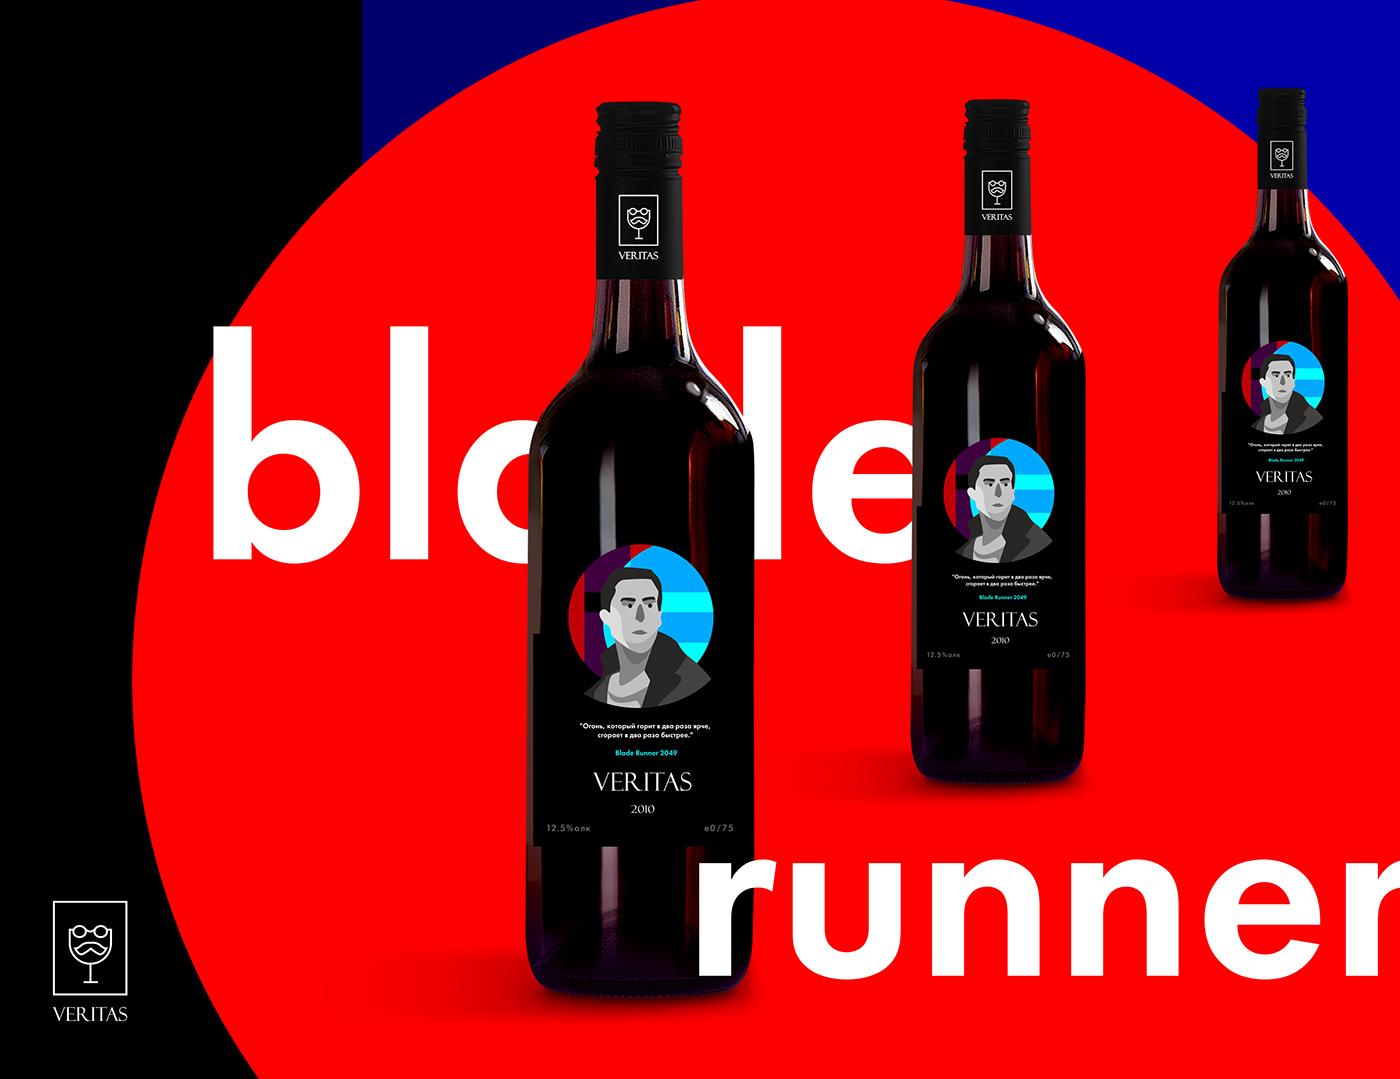 葡萄酒标签包装设计-10